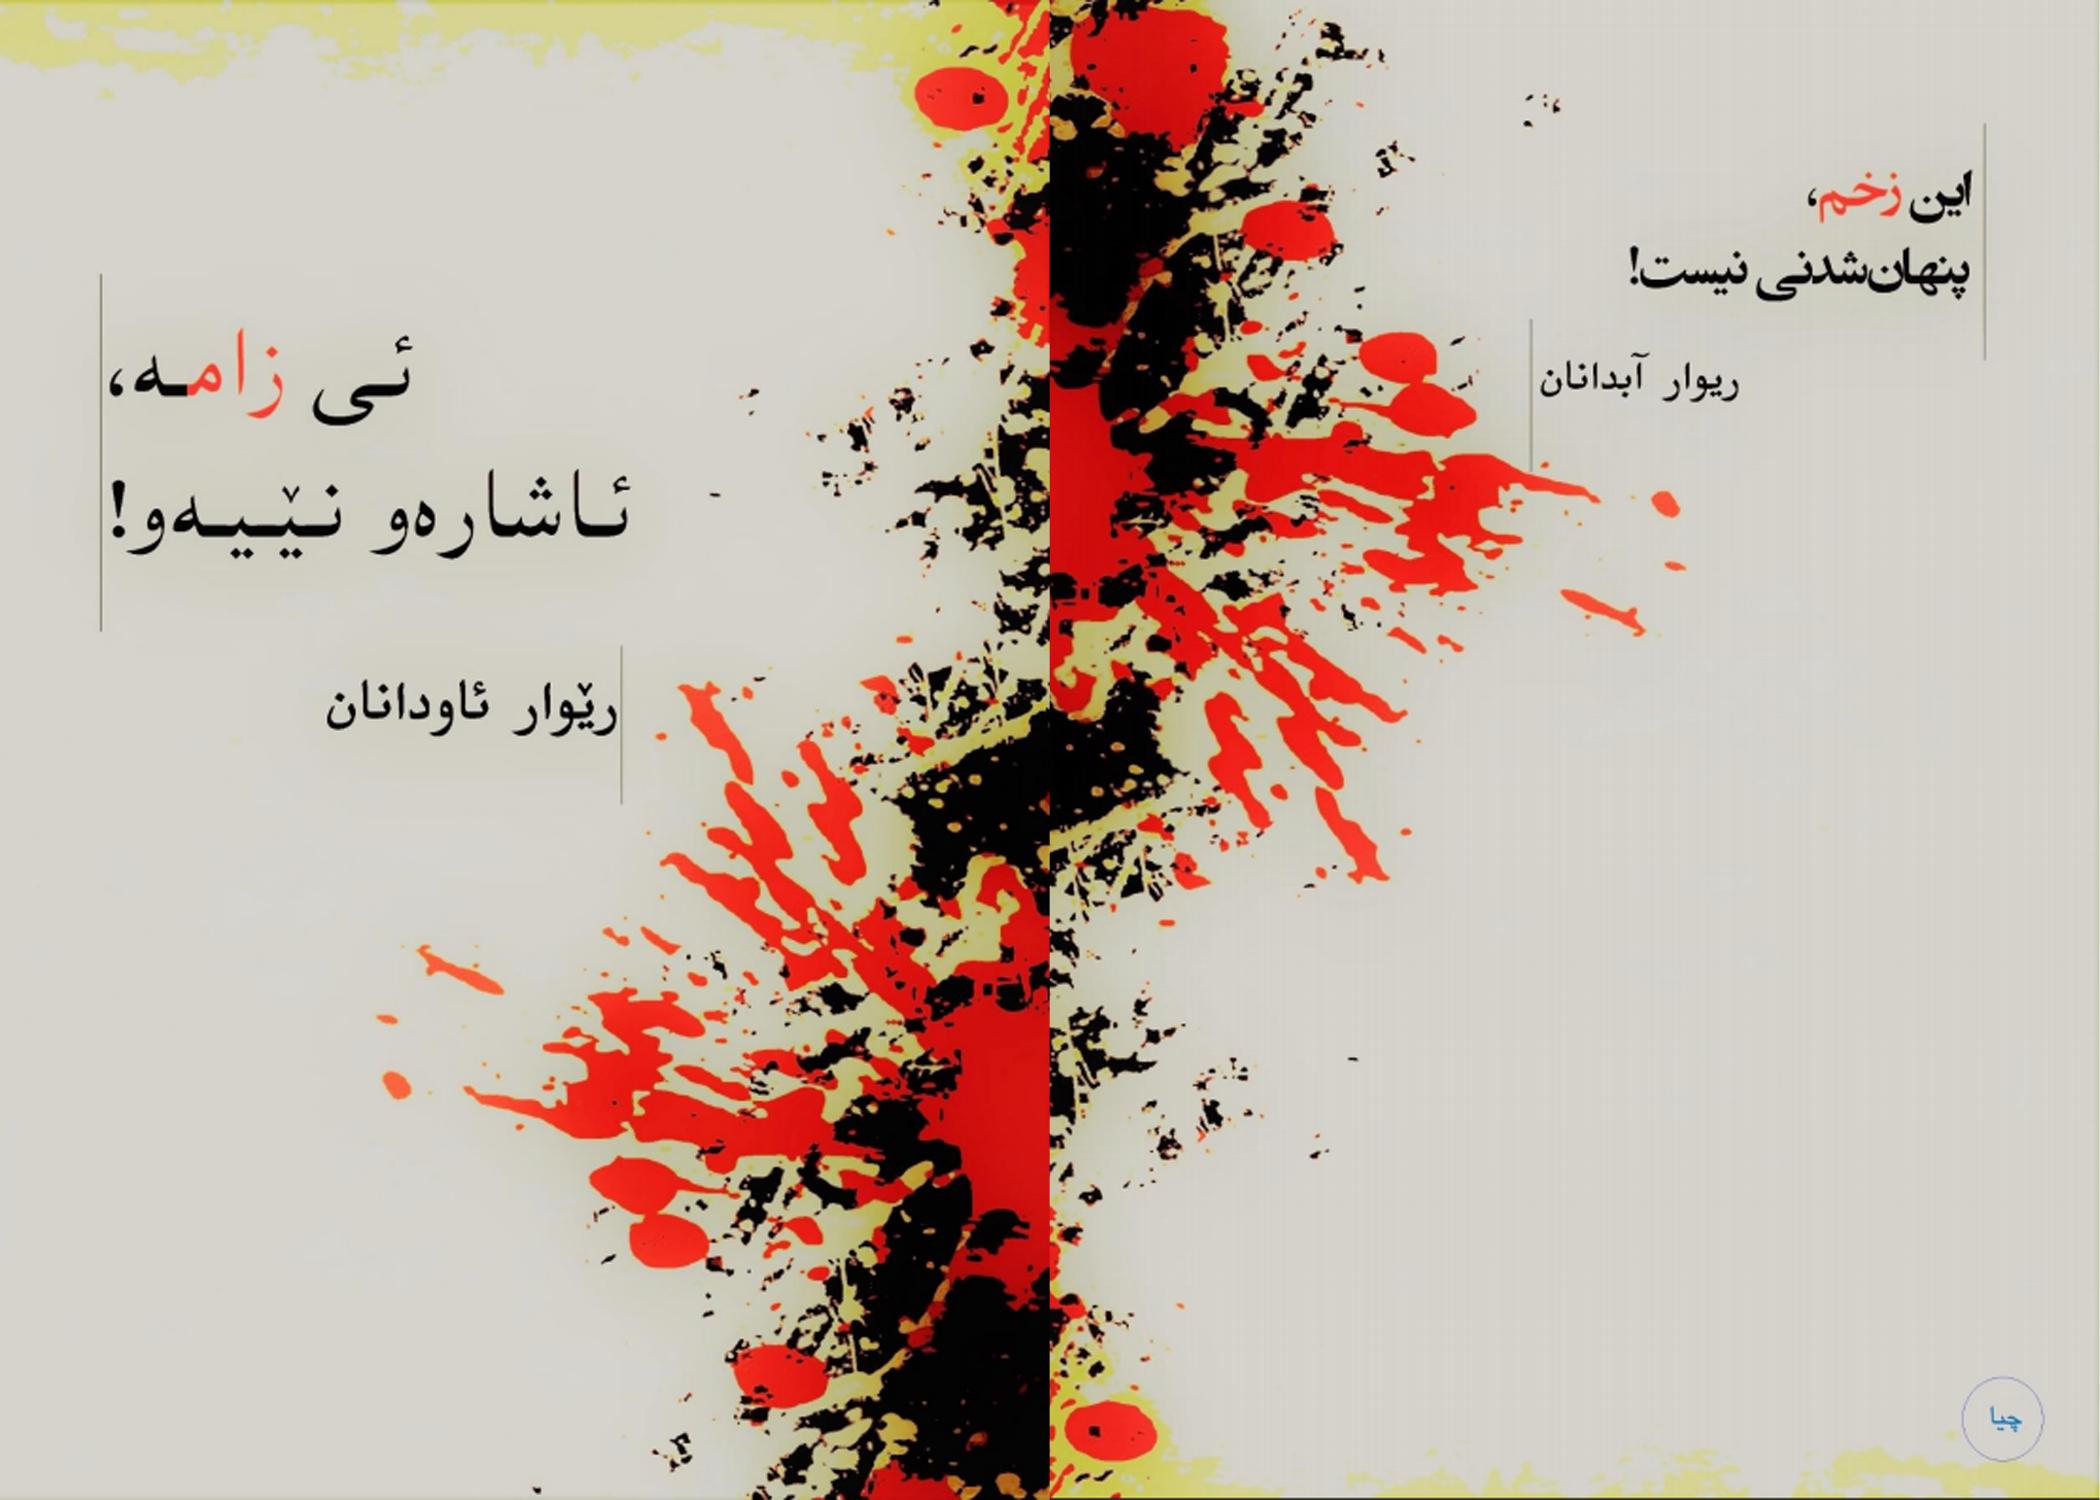 کتاب مجموعه شعر (این زخم، پنهان شدنی نیست) چاپ و منتشر گردید